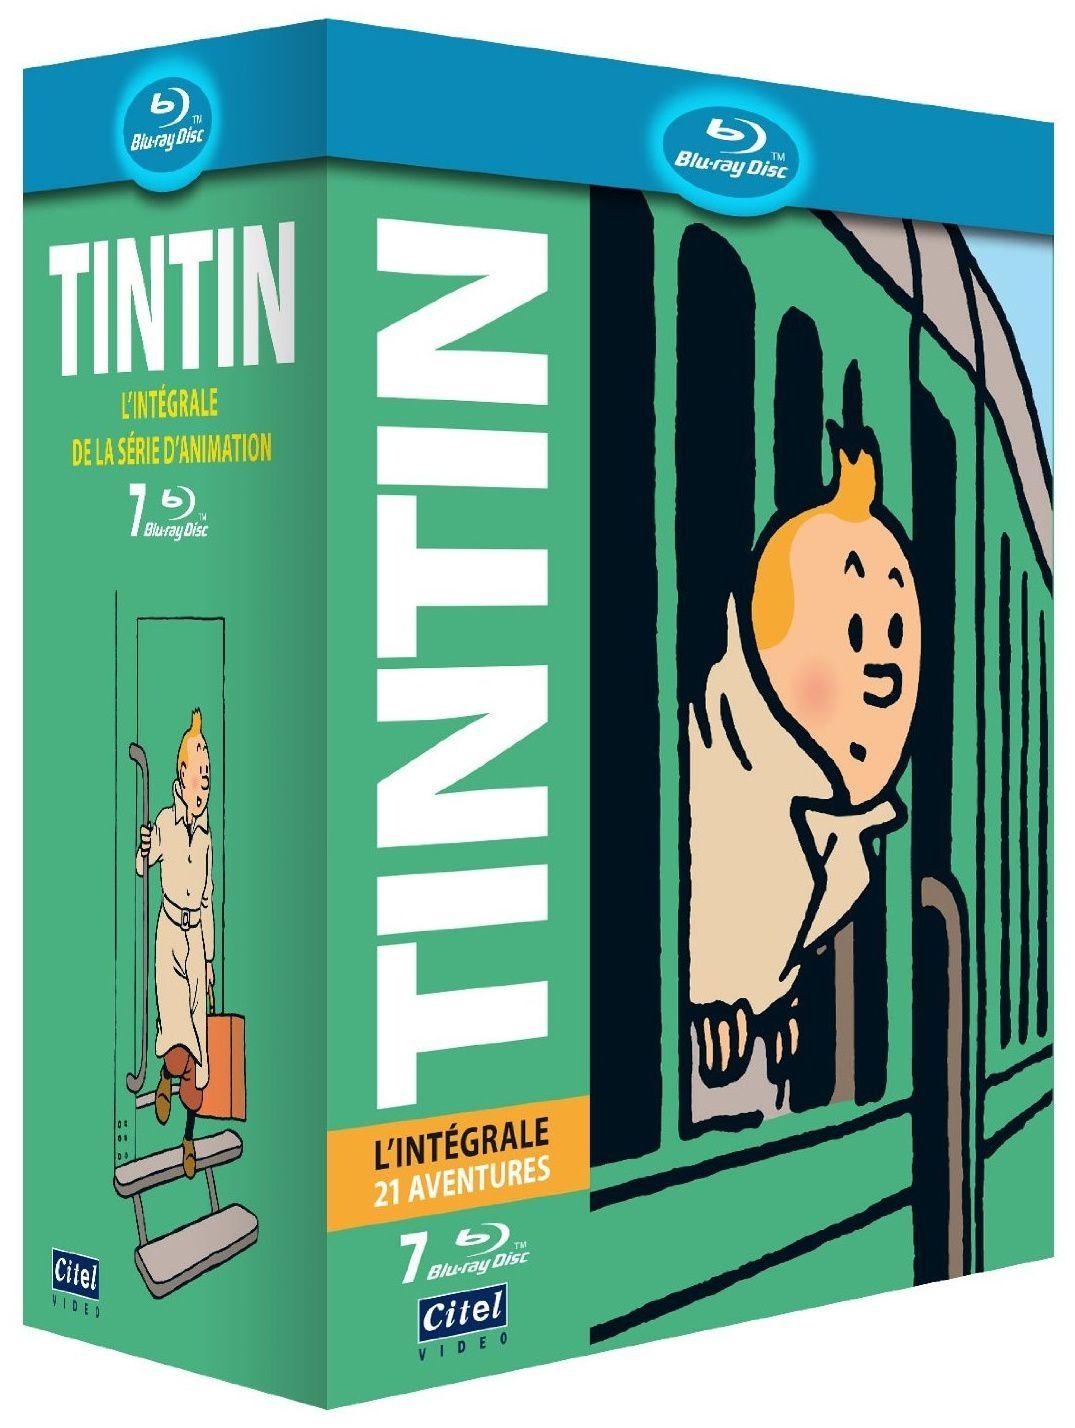 Tintin, l'intégrale des 21 aventures en coffret dvd édition limitée